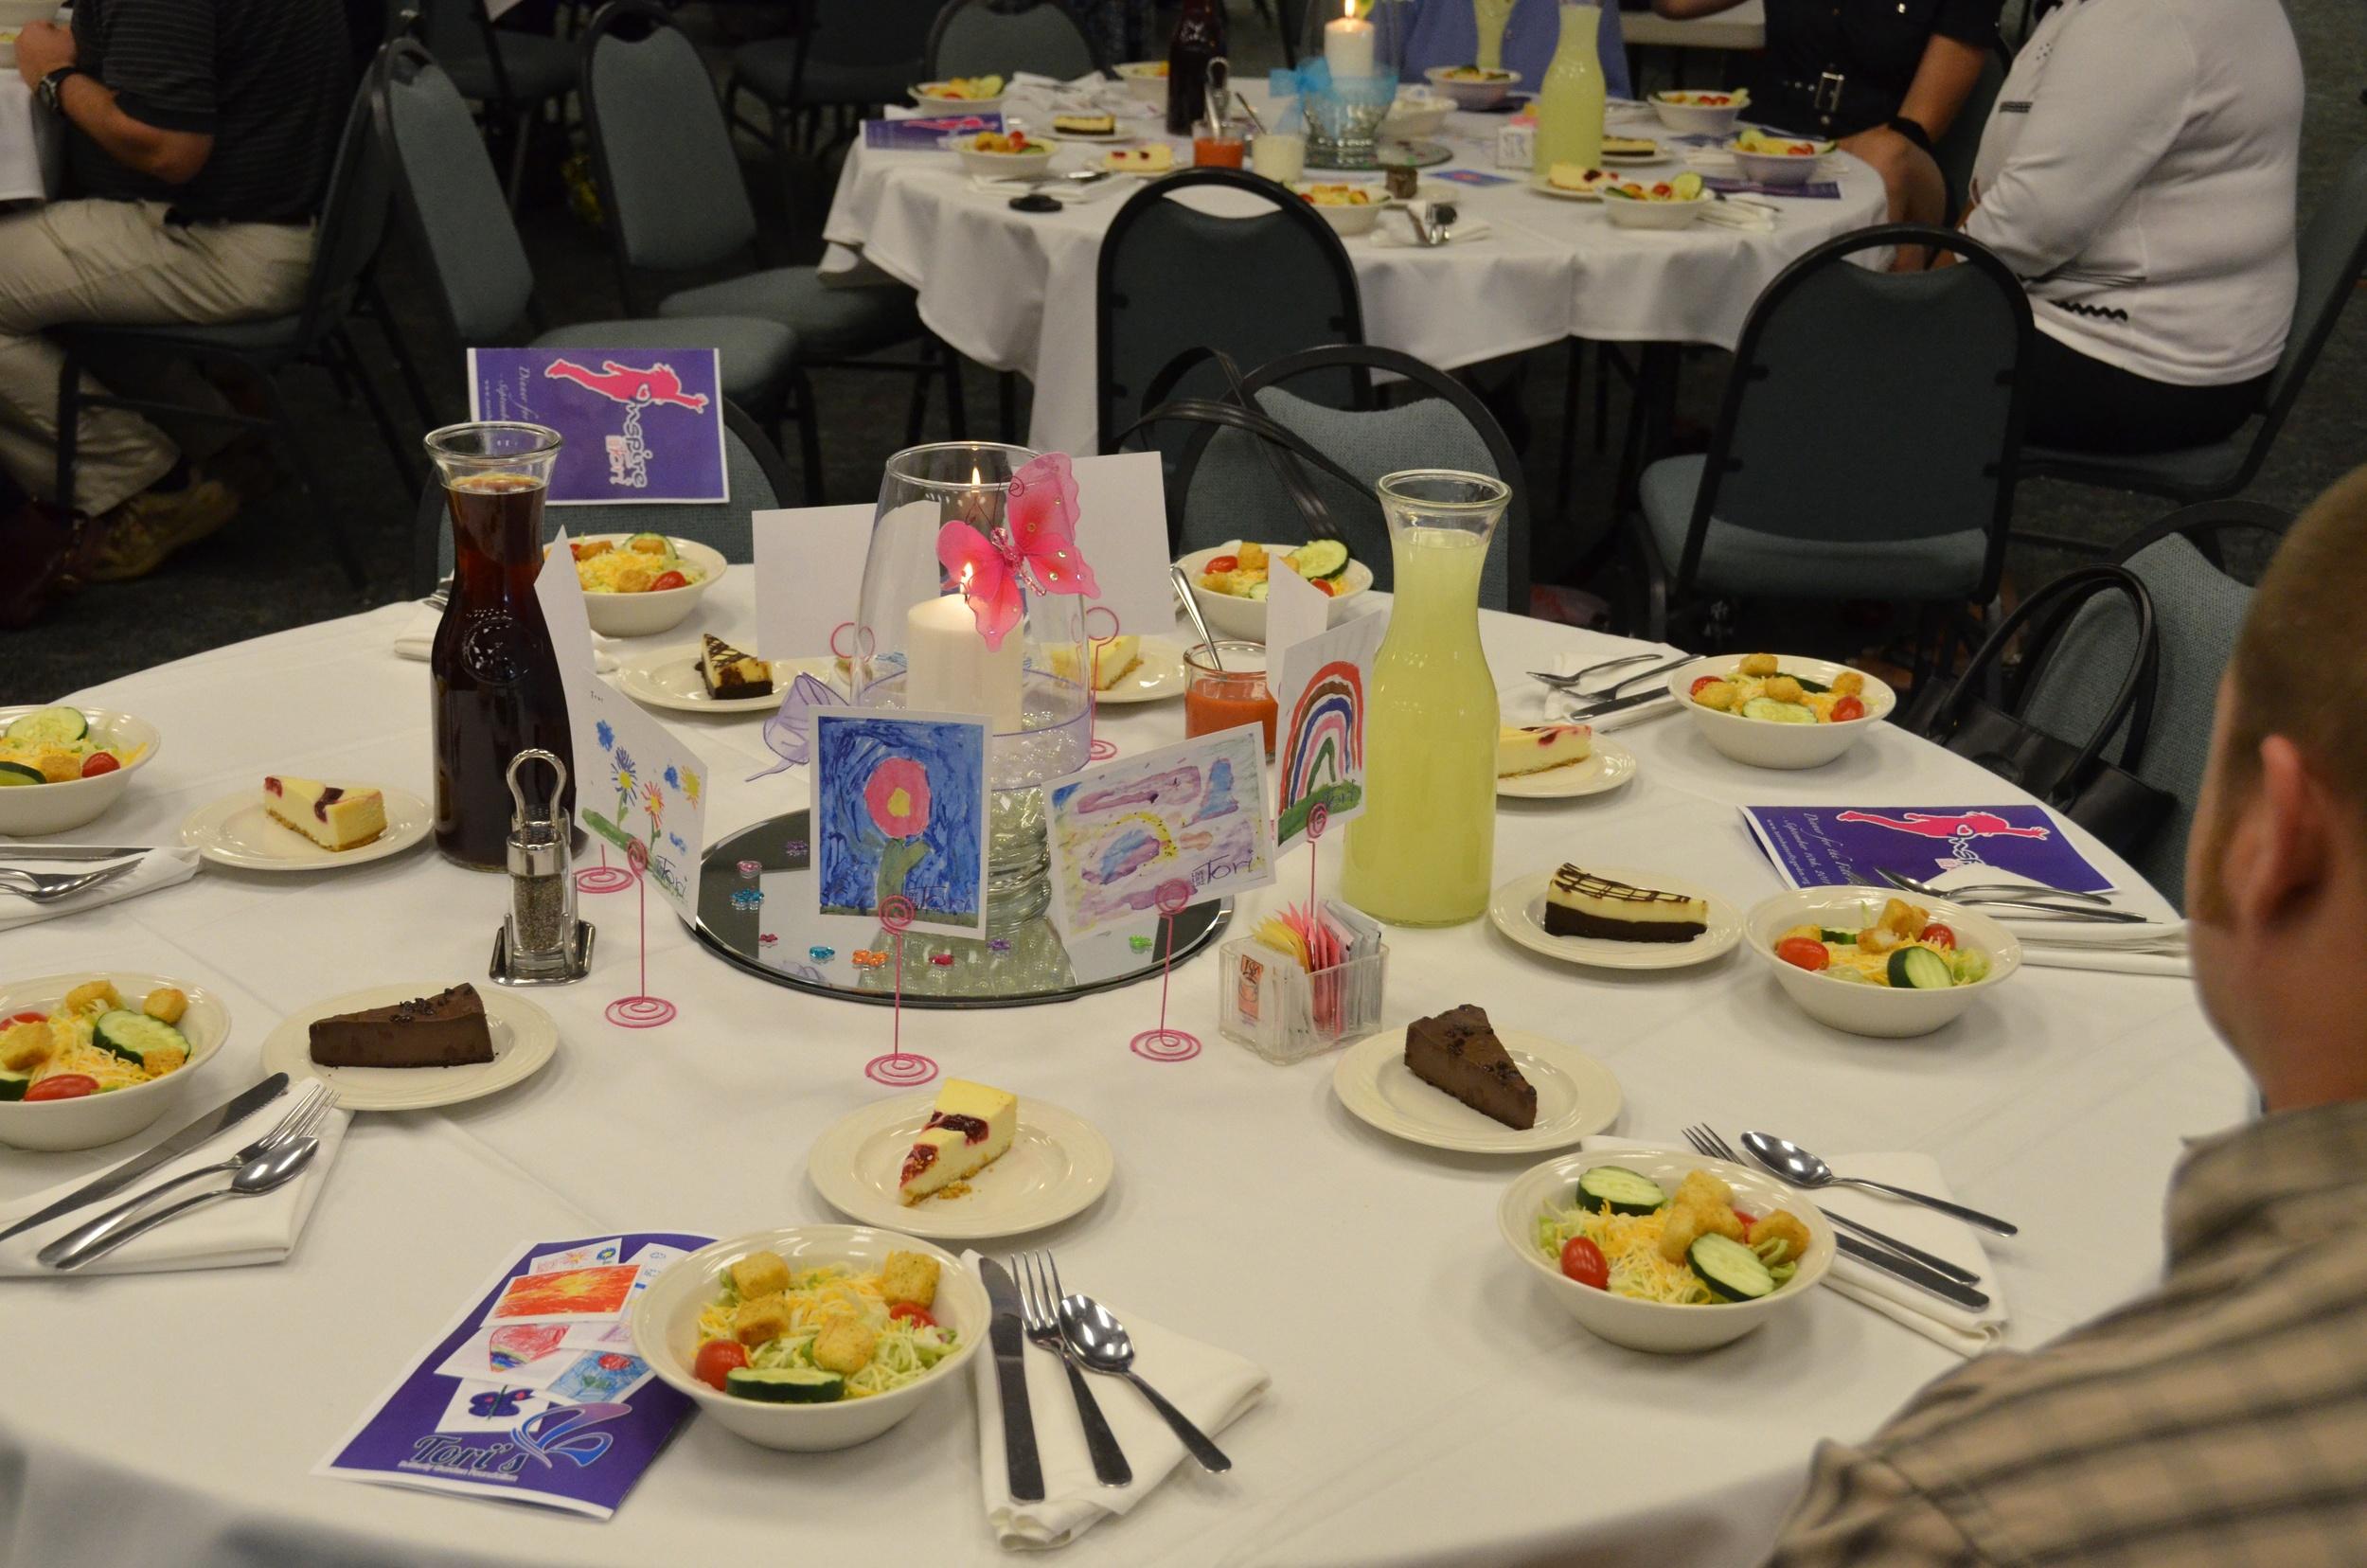 Art Dinner 9 10 2011  94951 - 2011-09-10 at 05-07-13.jpg